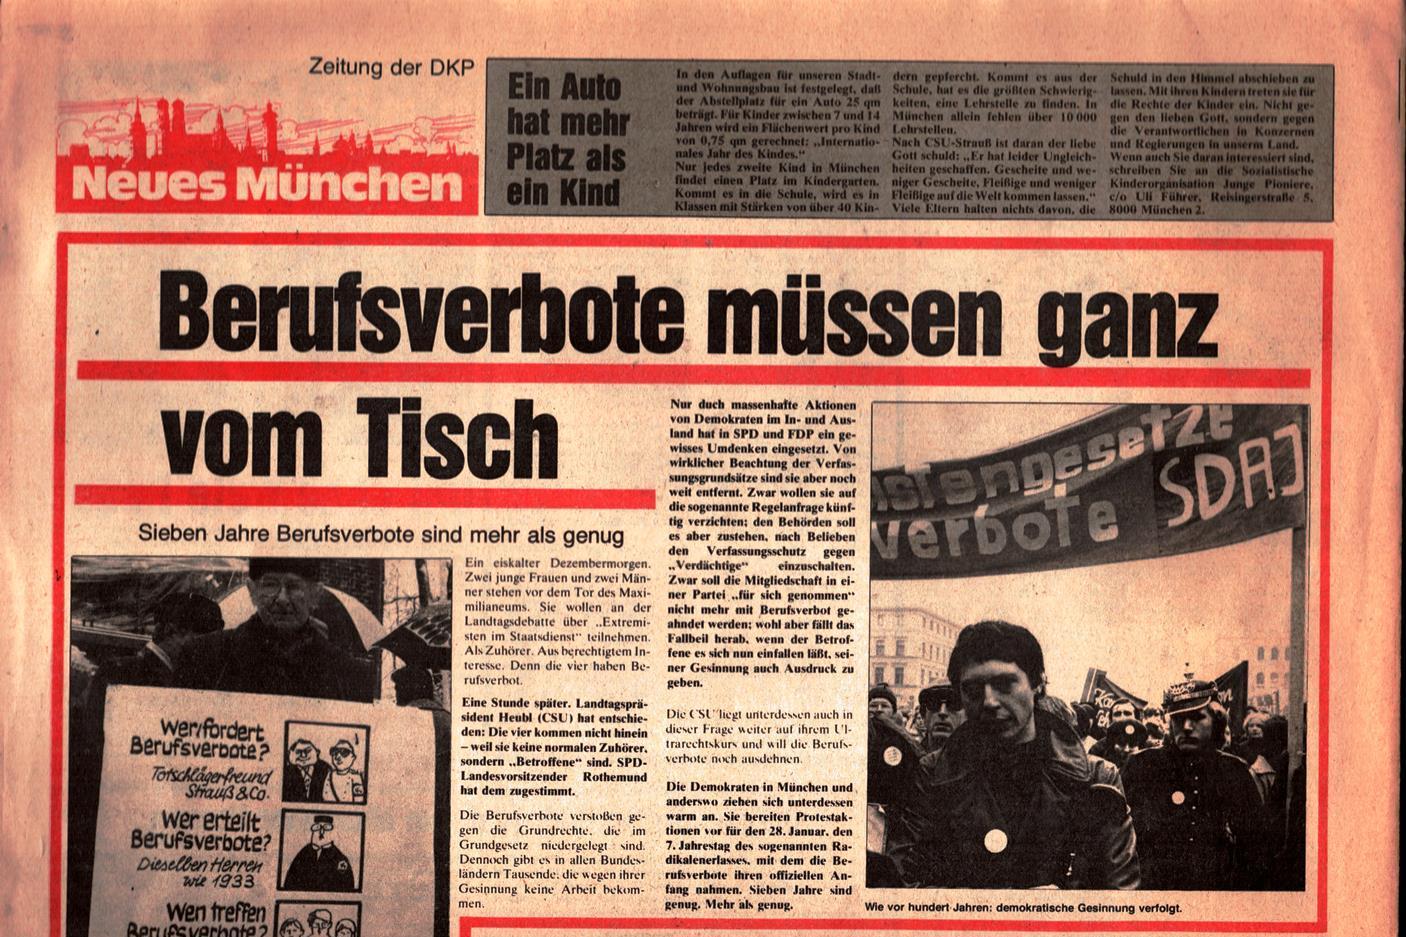 Muenchen_DKP_Neues_Muenchen_19790100_001_007